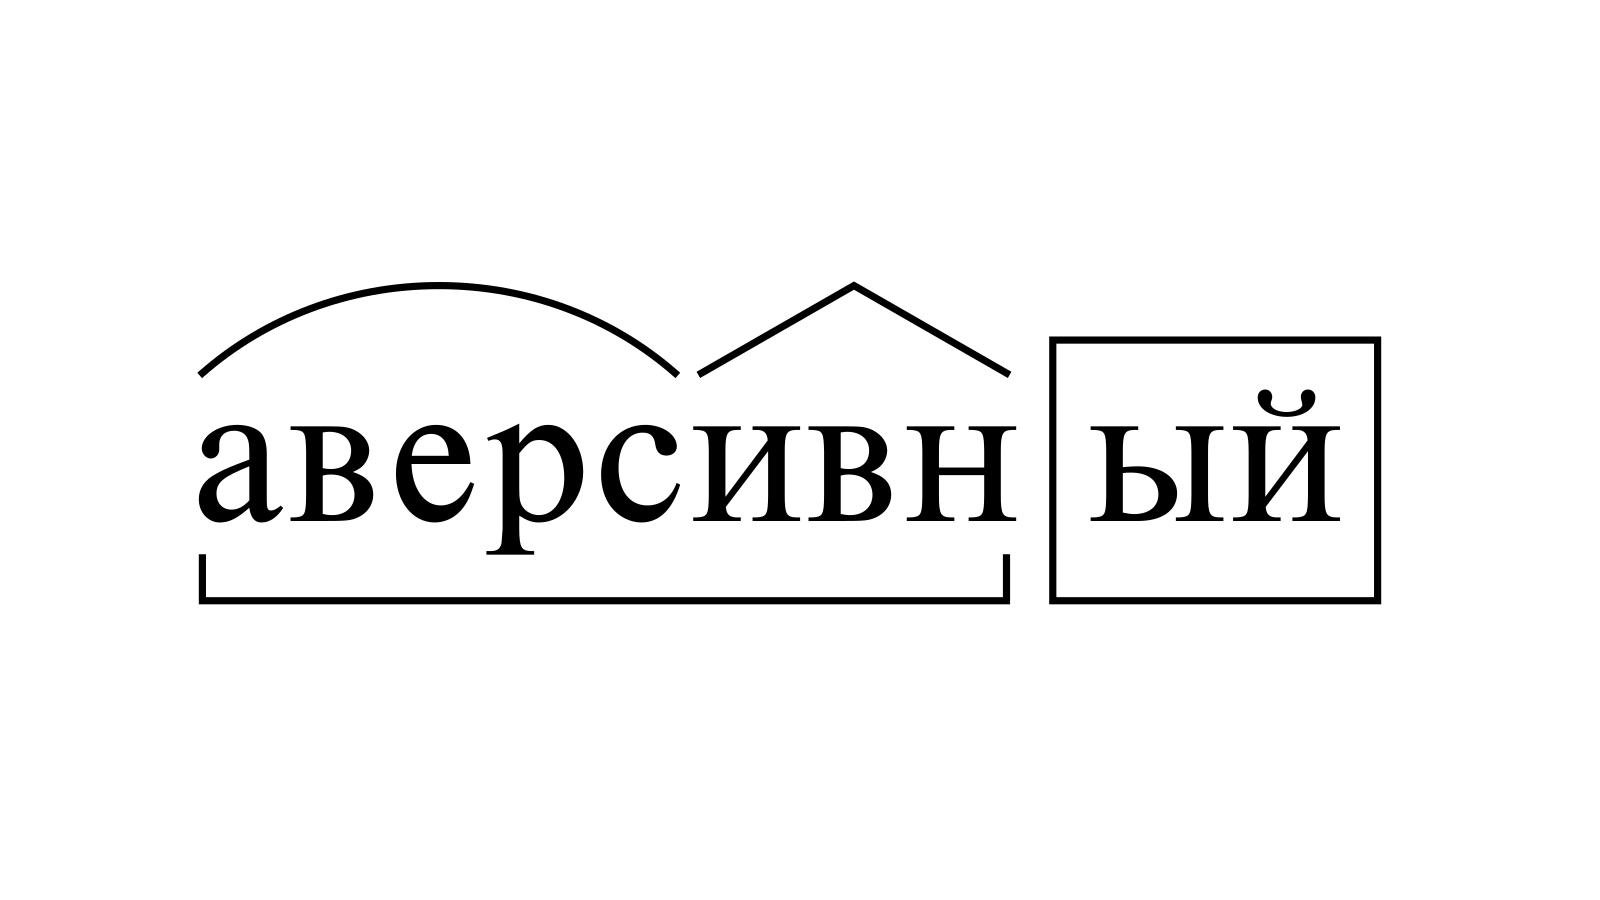 Разбор слова «аверсивный» по составу